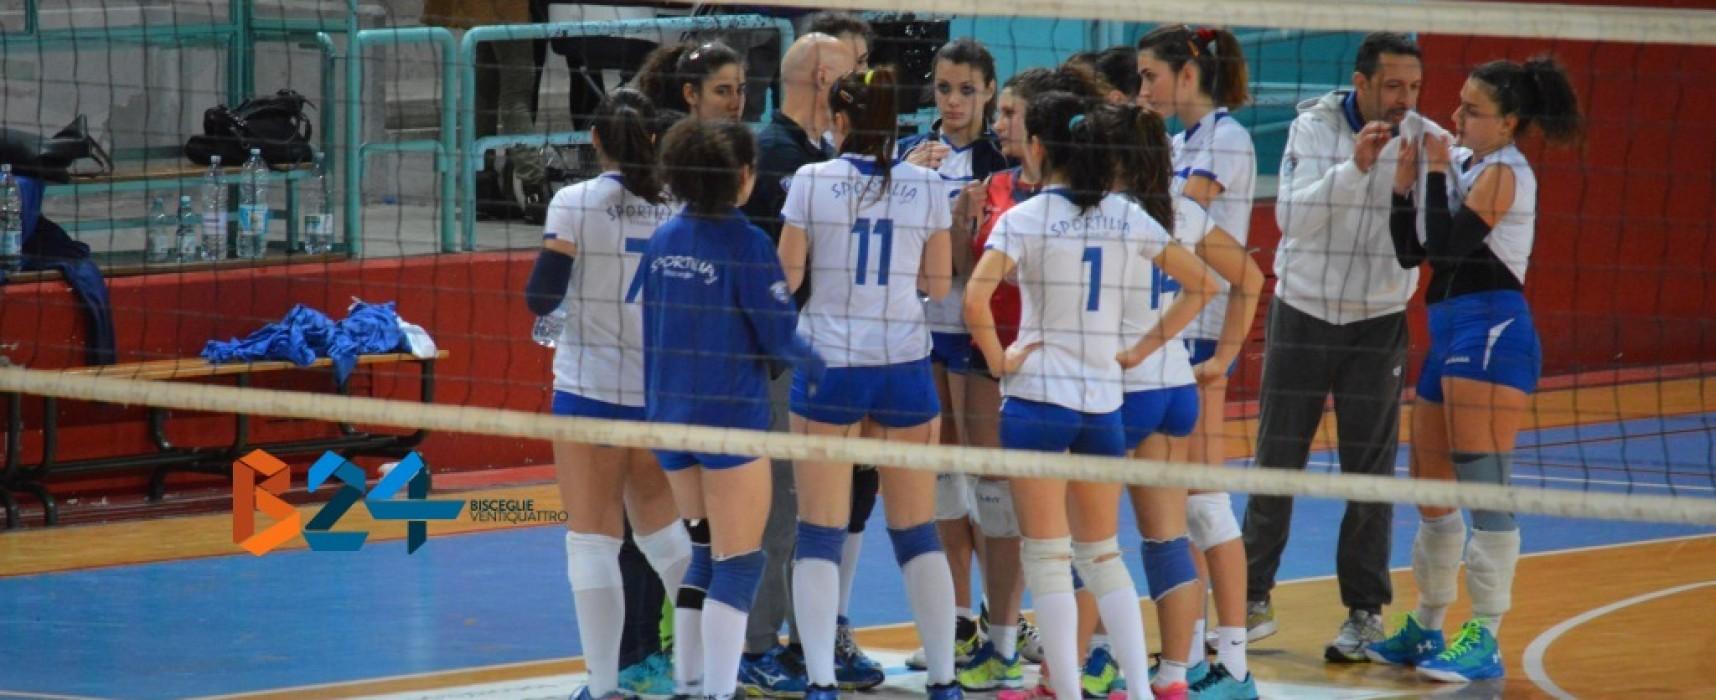 Sportilia, sfida al Volley Barletta per riprendere la corsa play-off